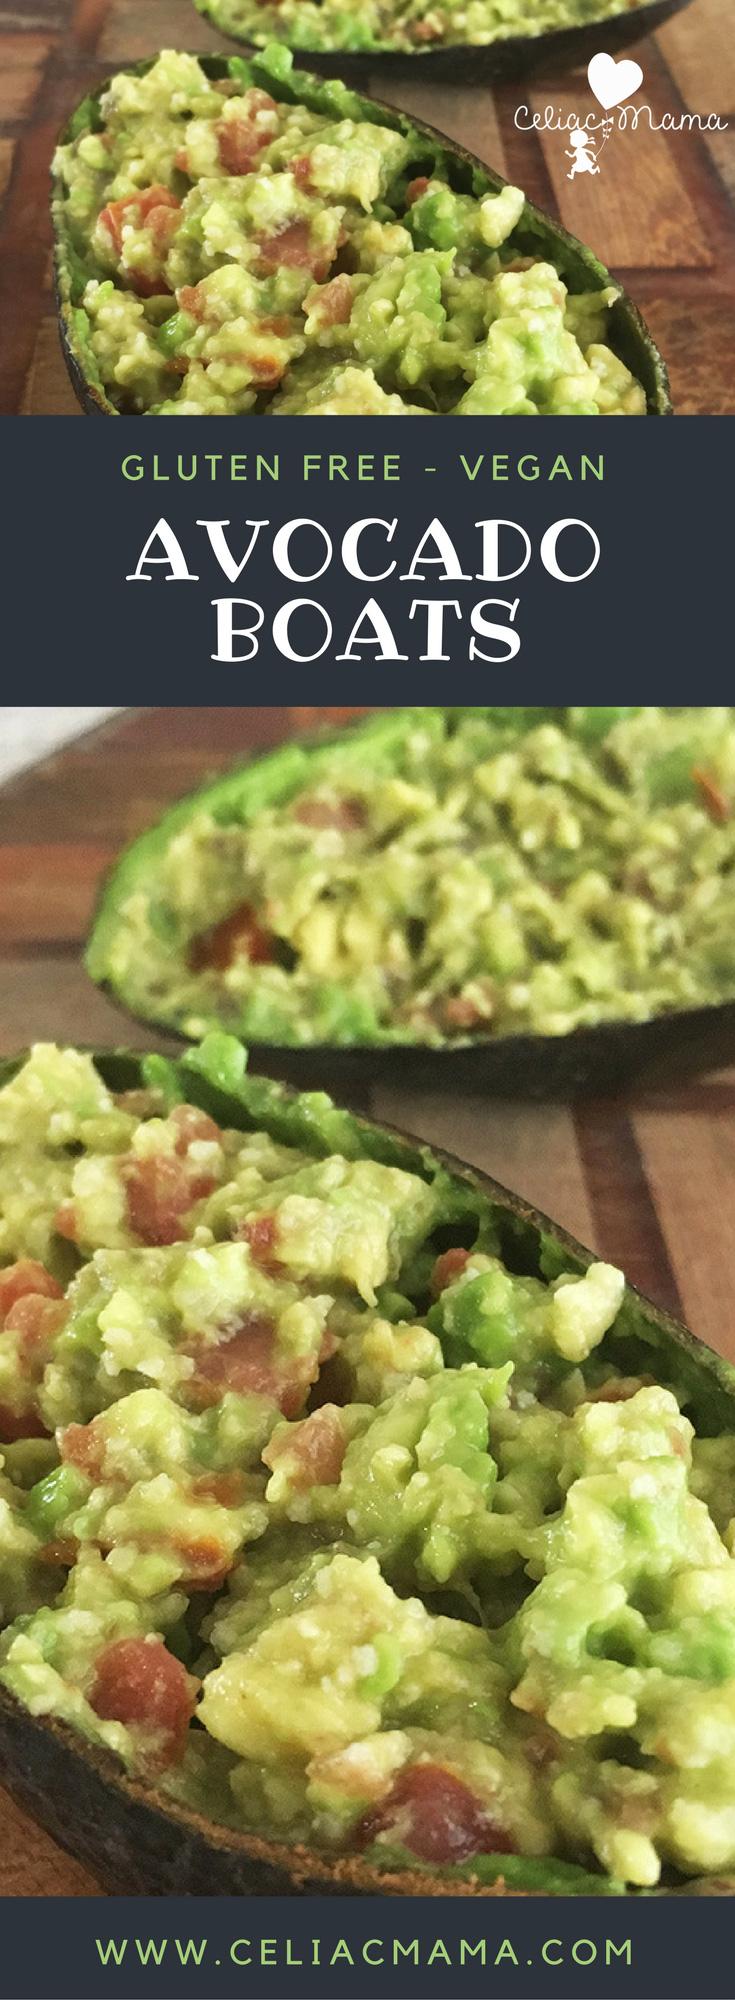 gluten-free-Avocado-Boats